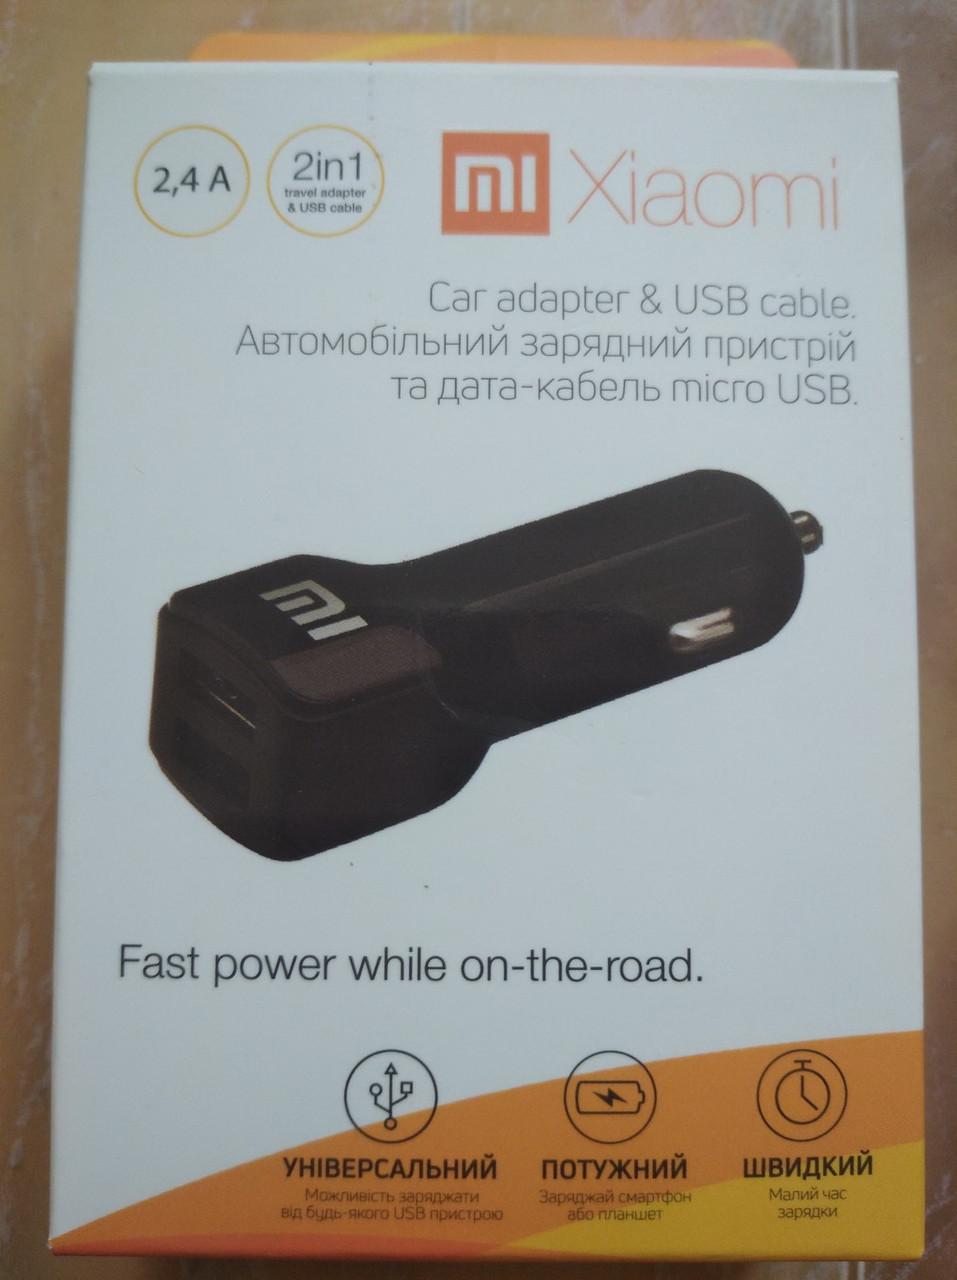 АЗУ автомобильное зарядное устройство в прикуриватель Xiaomi Mi 2.4 + кабель